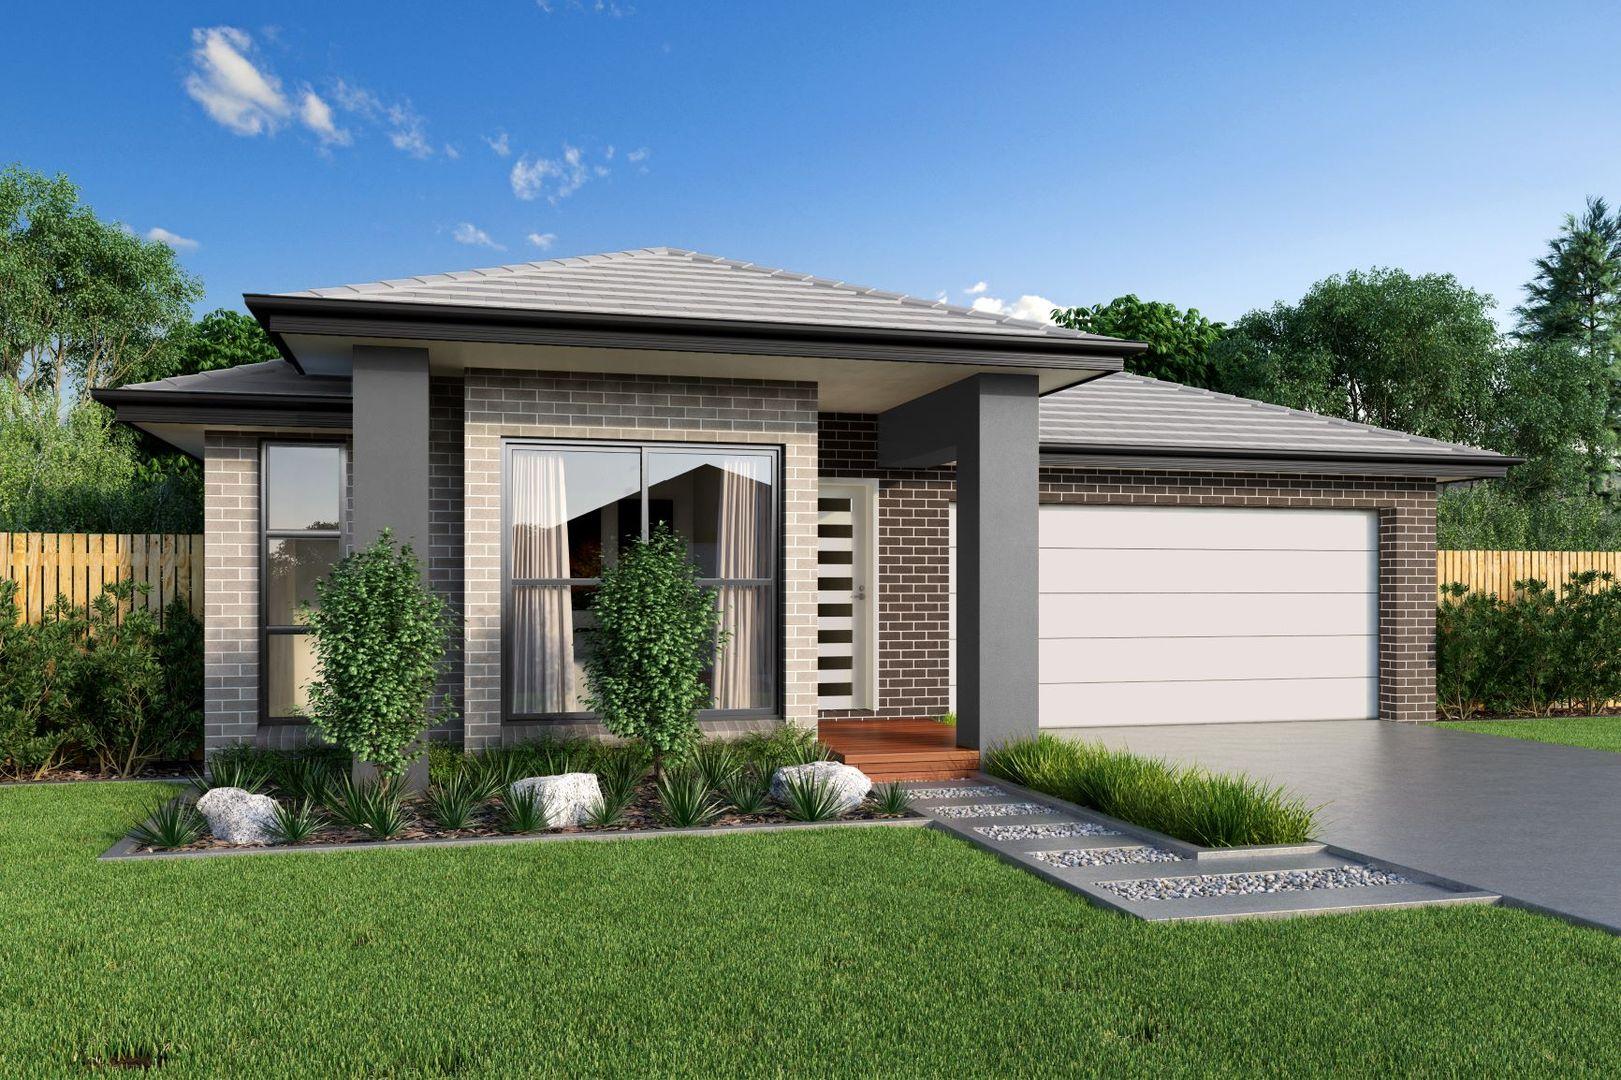 Lot 325 Dardanelles Road, Edmondson Park NSW 2174, Image 0